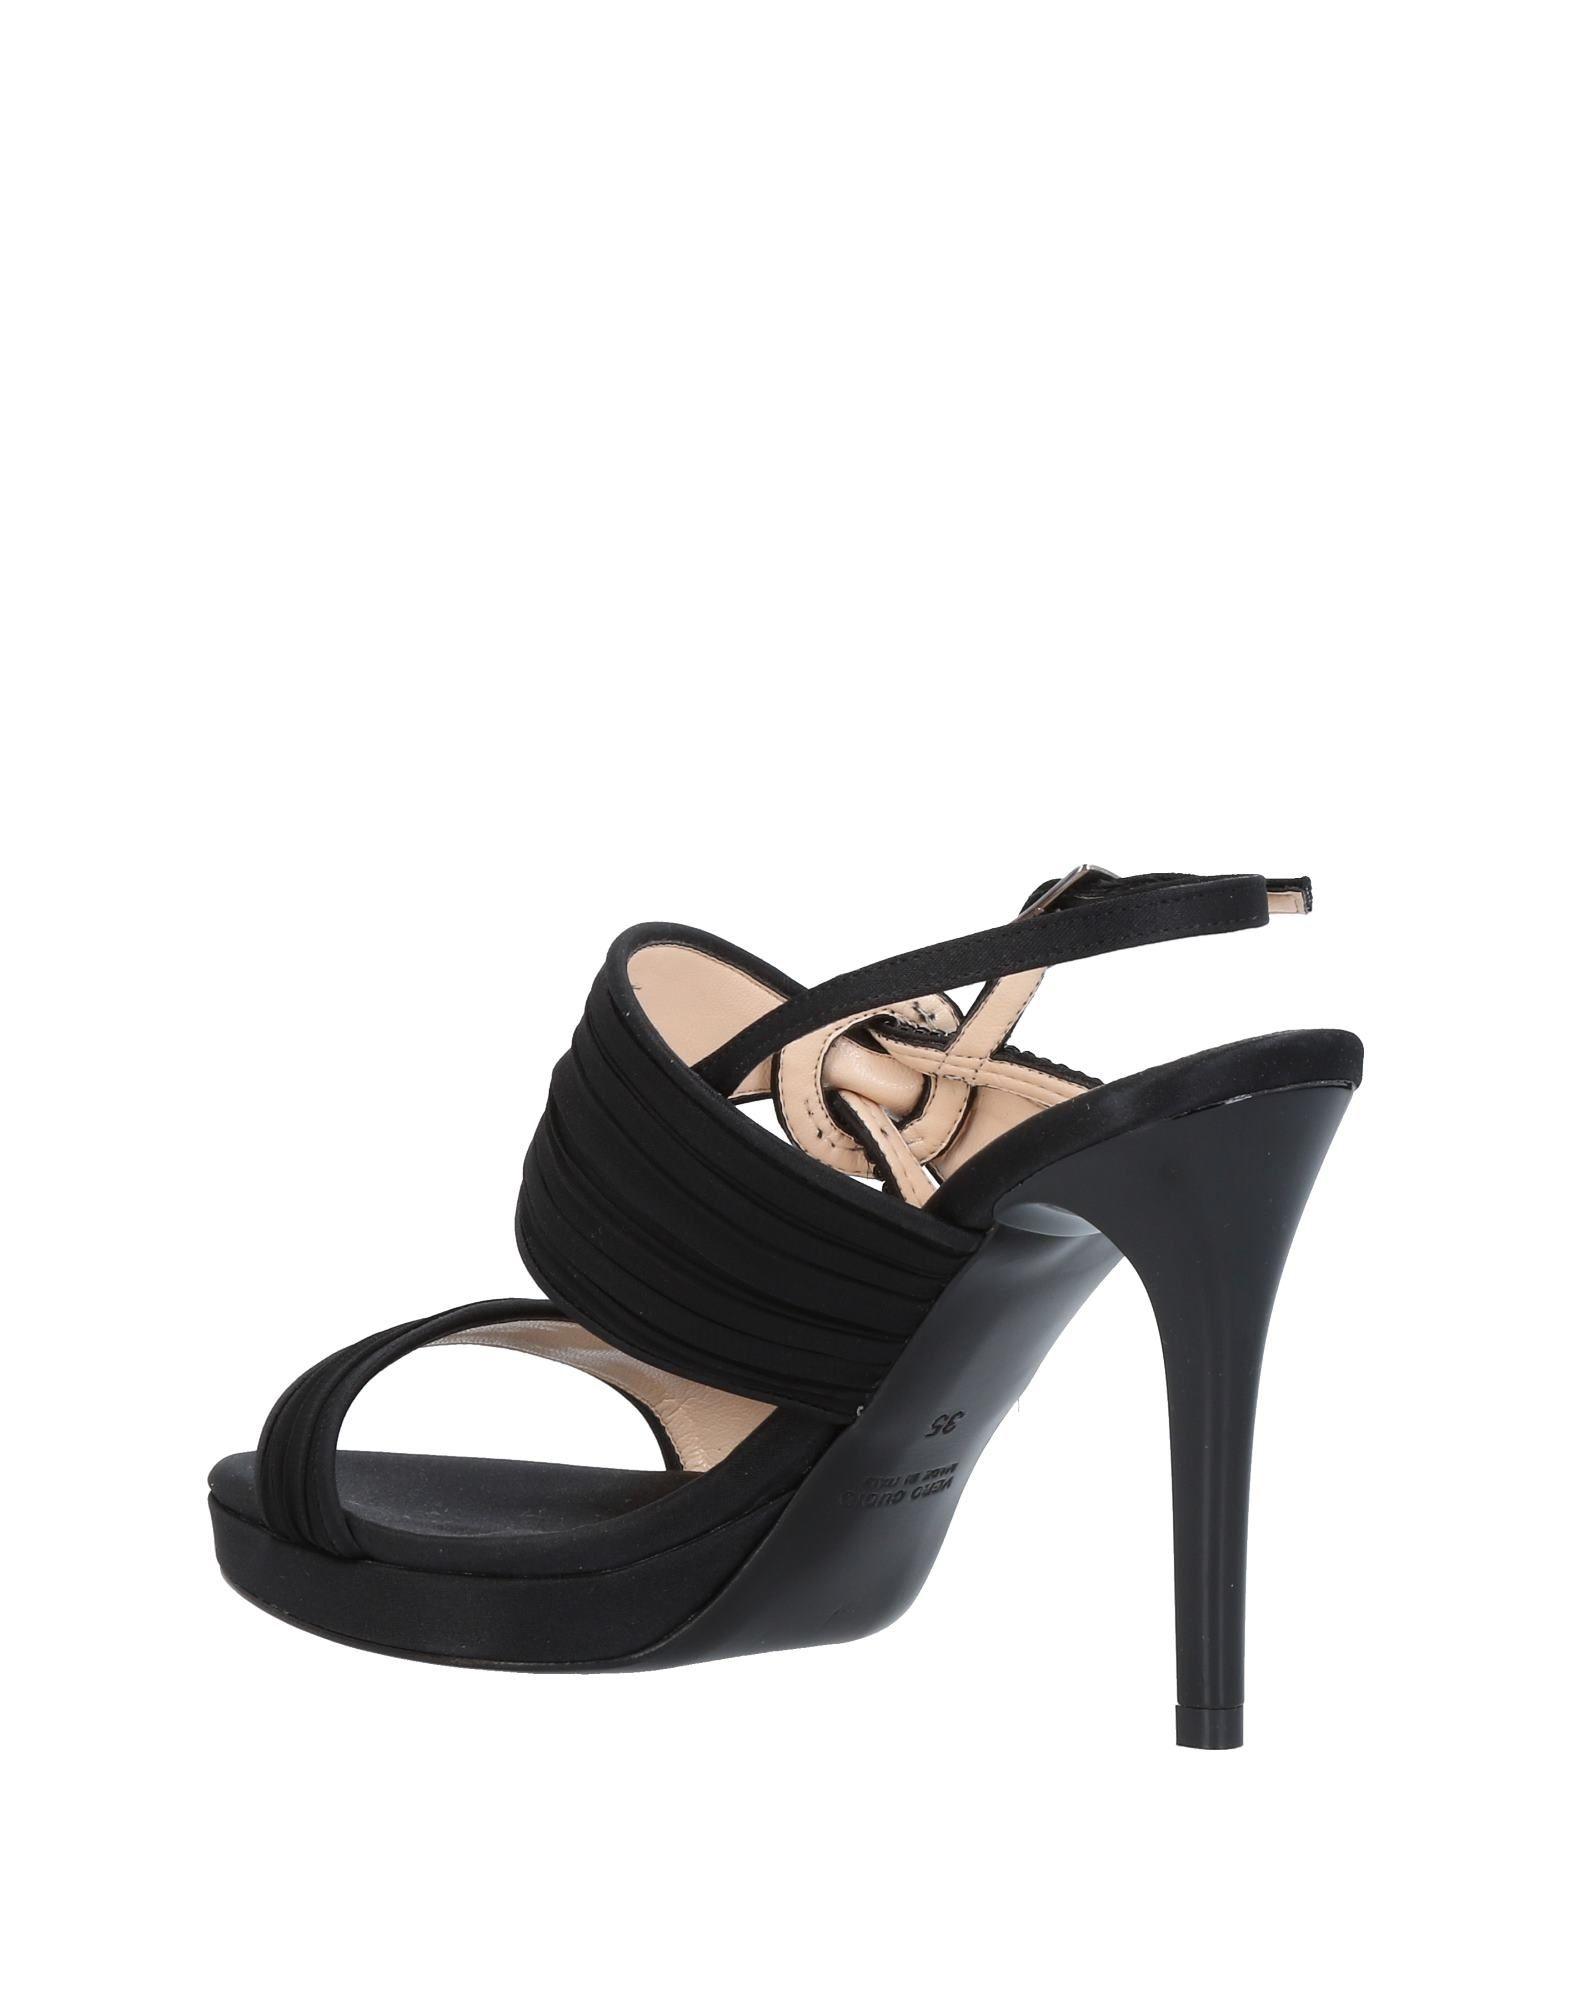 Albano Gute Sandalen Damen  44957154HX Gute Albano Qualität beliebte Schuhe f96bfa